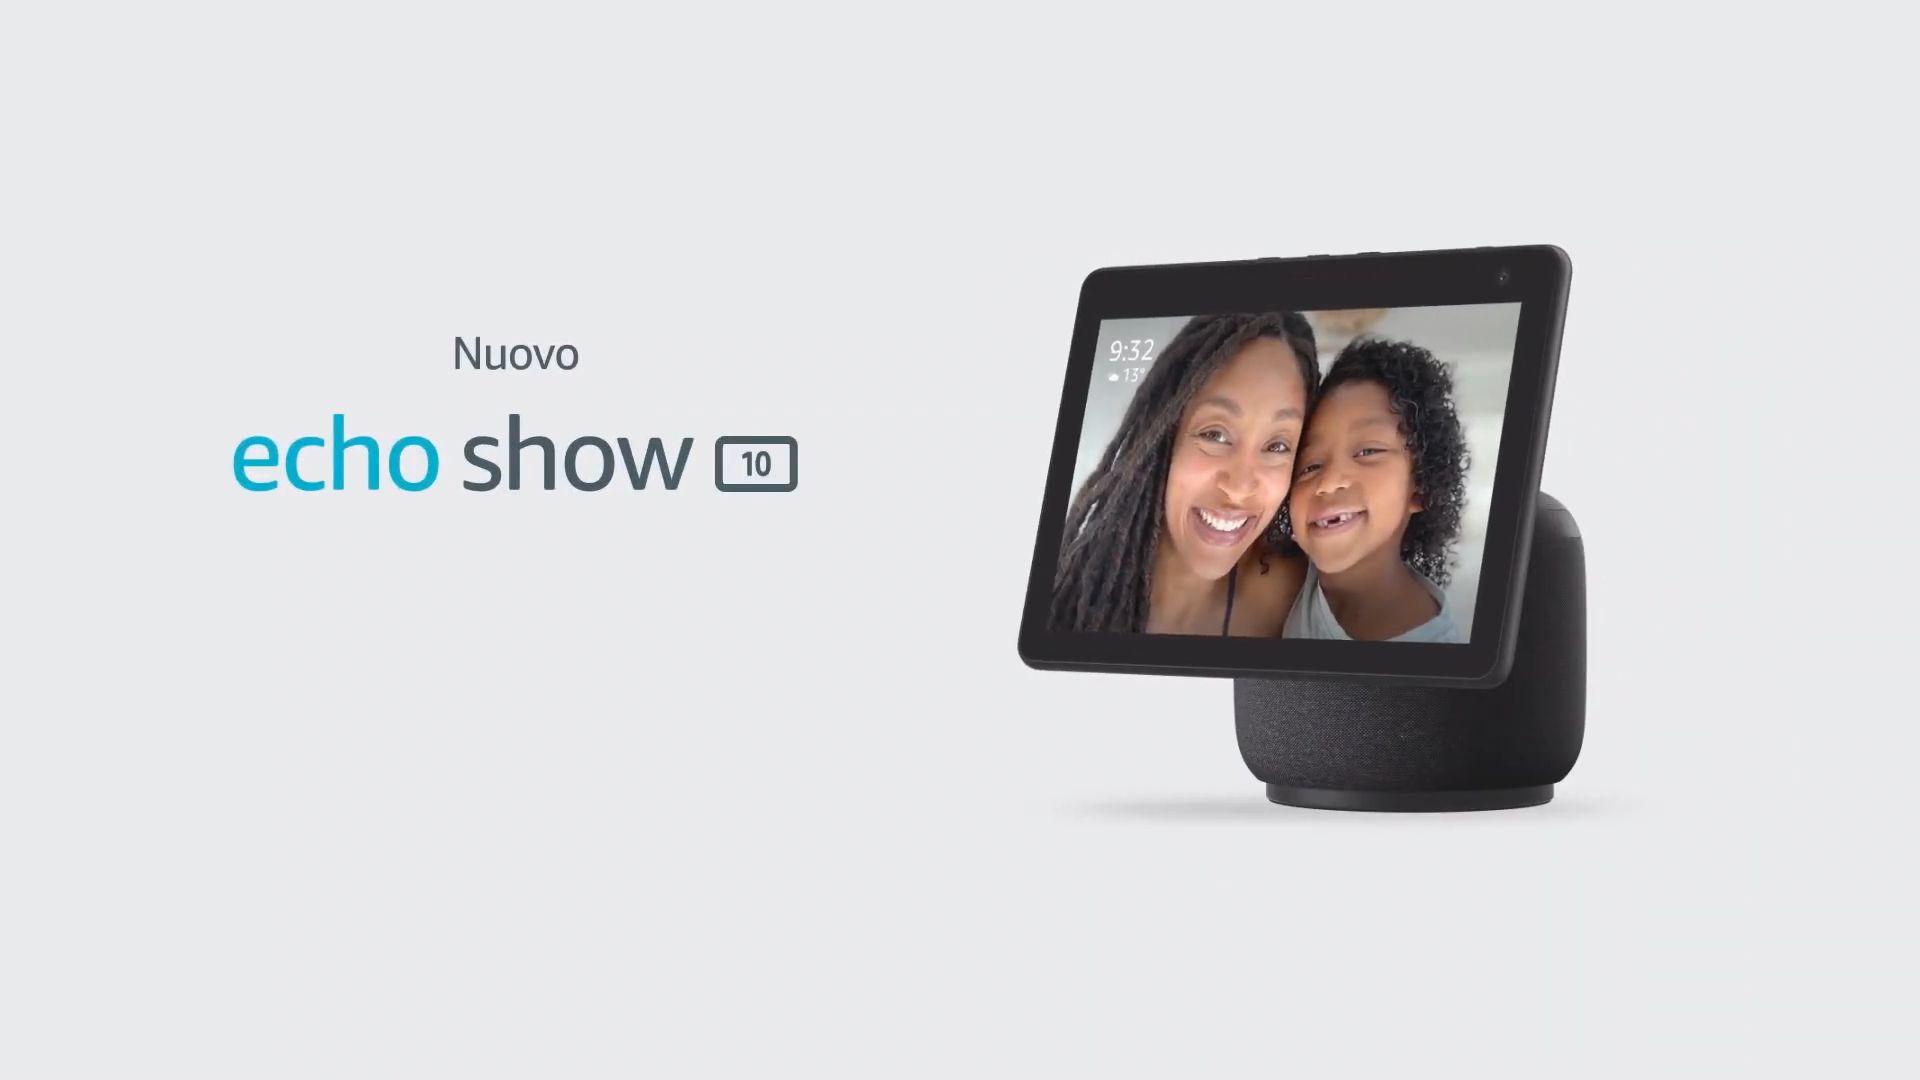 Amazon Echo Show 10 è stato presentato ufficialmente: il nuovo smart speaker con display ed Alexa è molto interessante